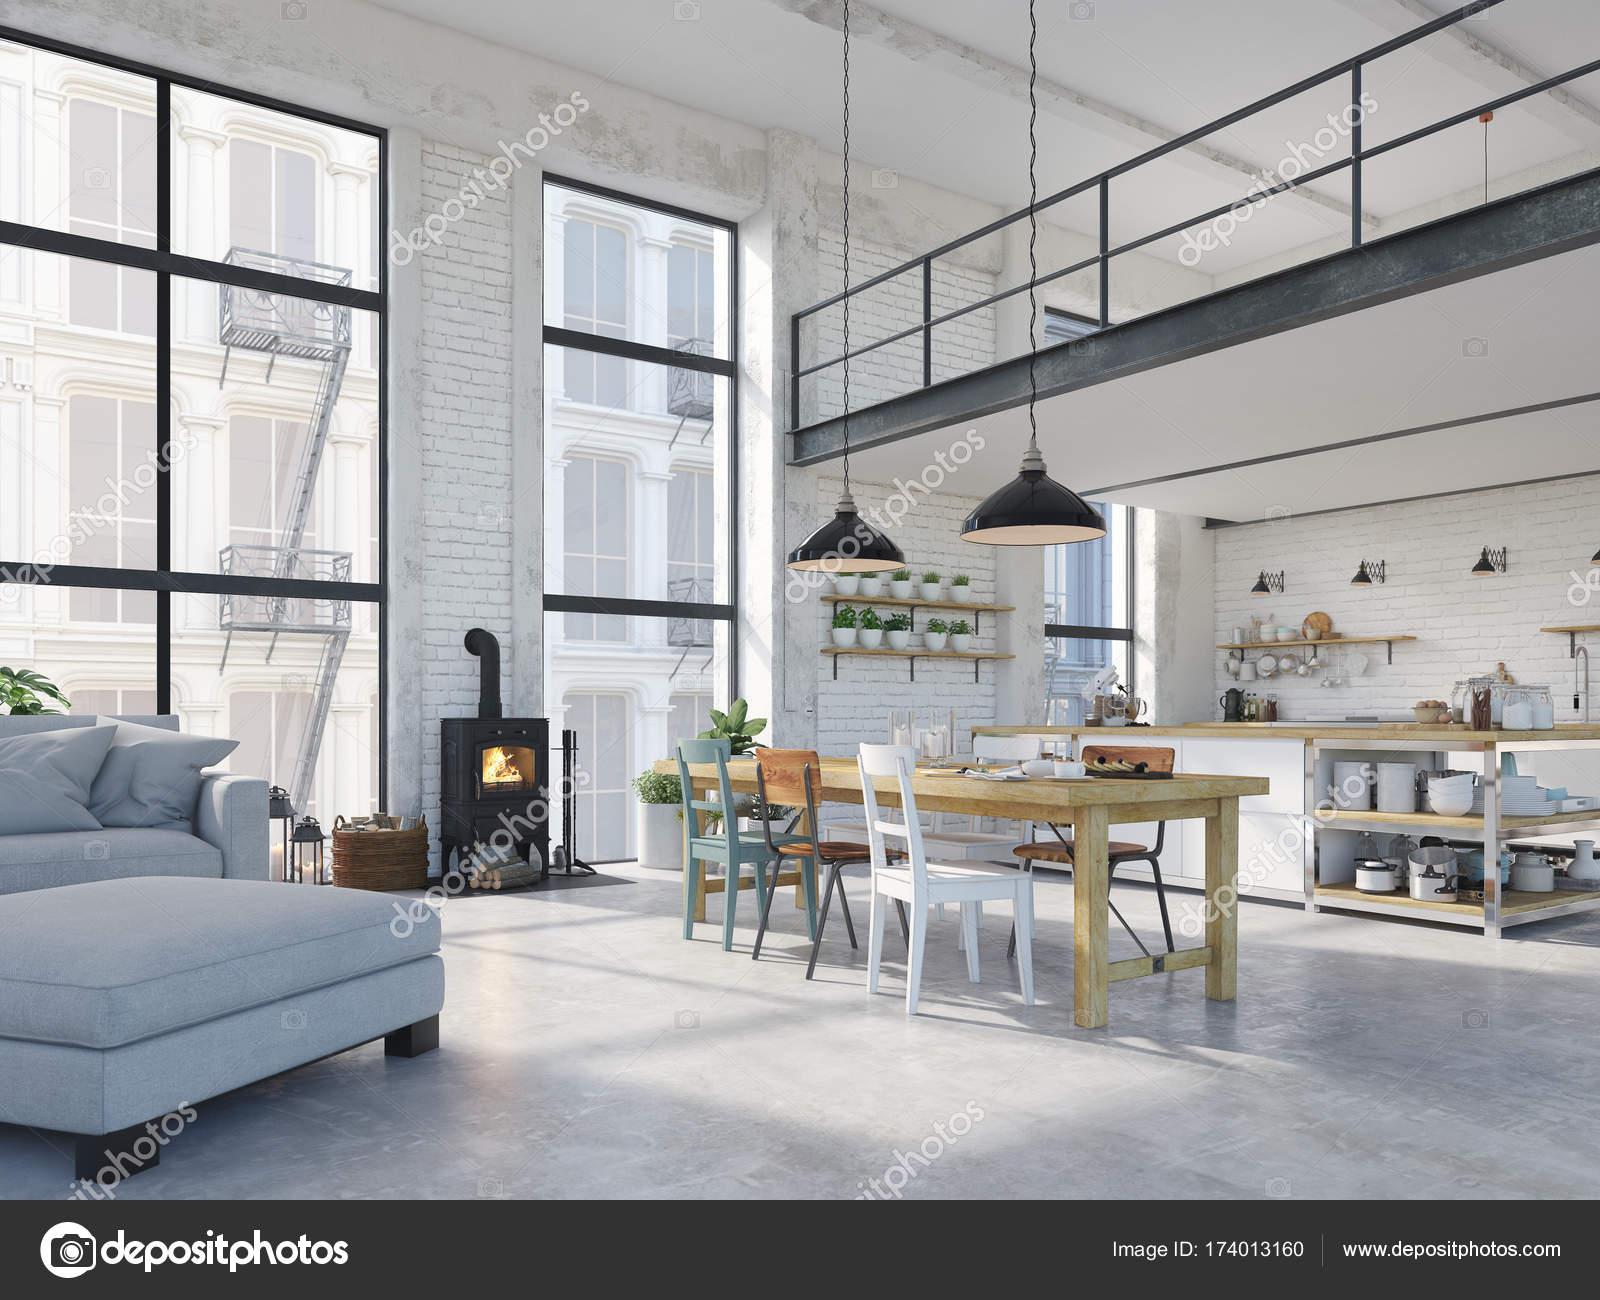 moderne loft appartement 3d rendering stockfoto 2mmedia 174013160. Black Bedroom Furniture Sets. Home Design Ideas